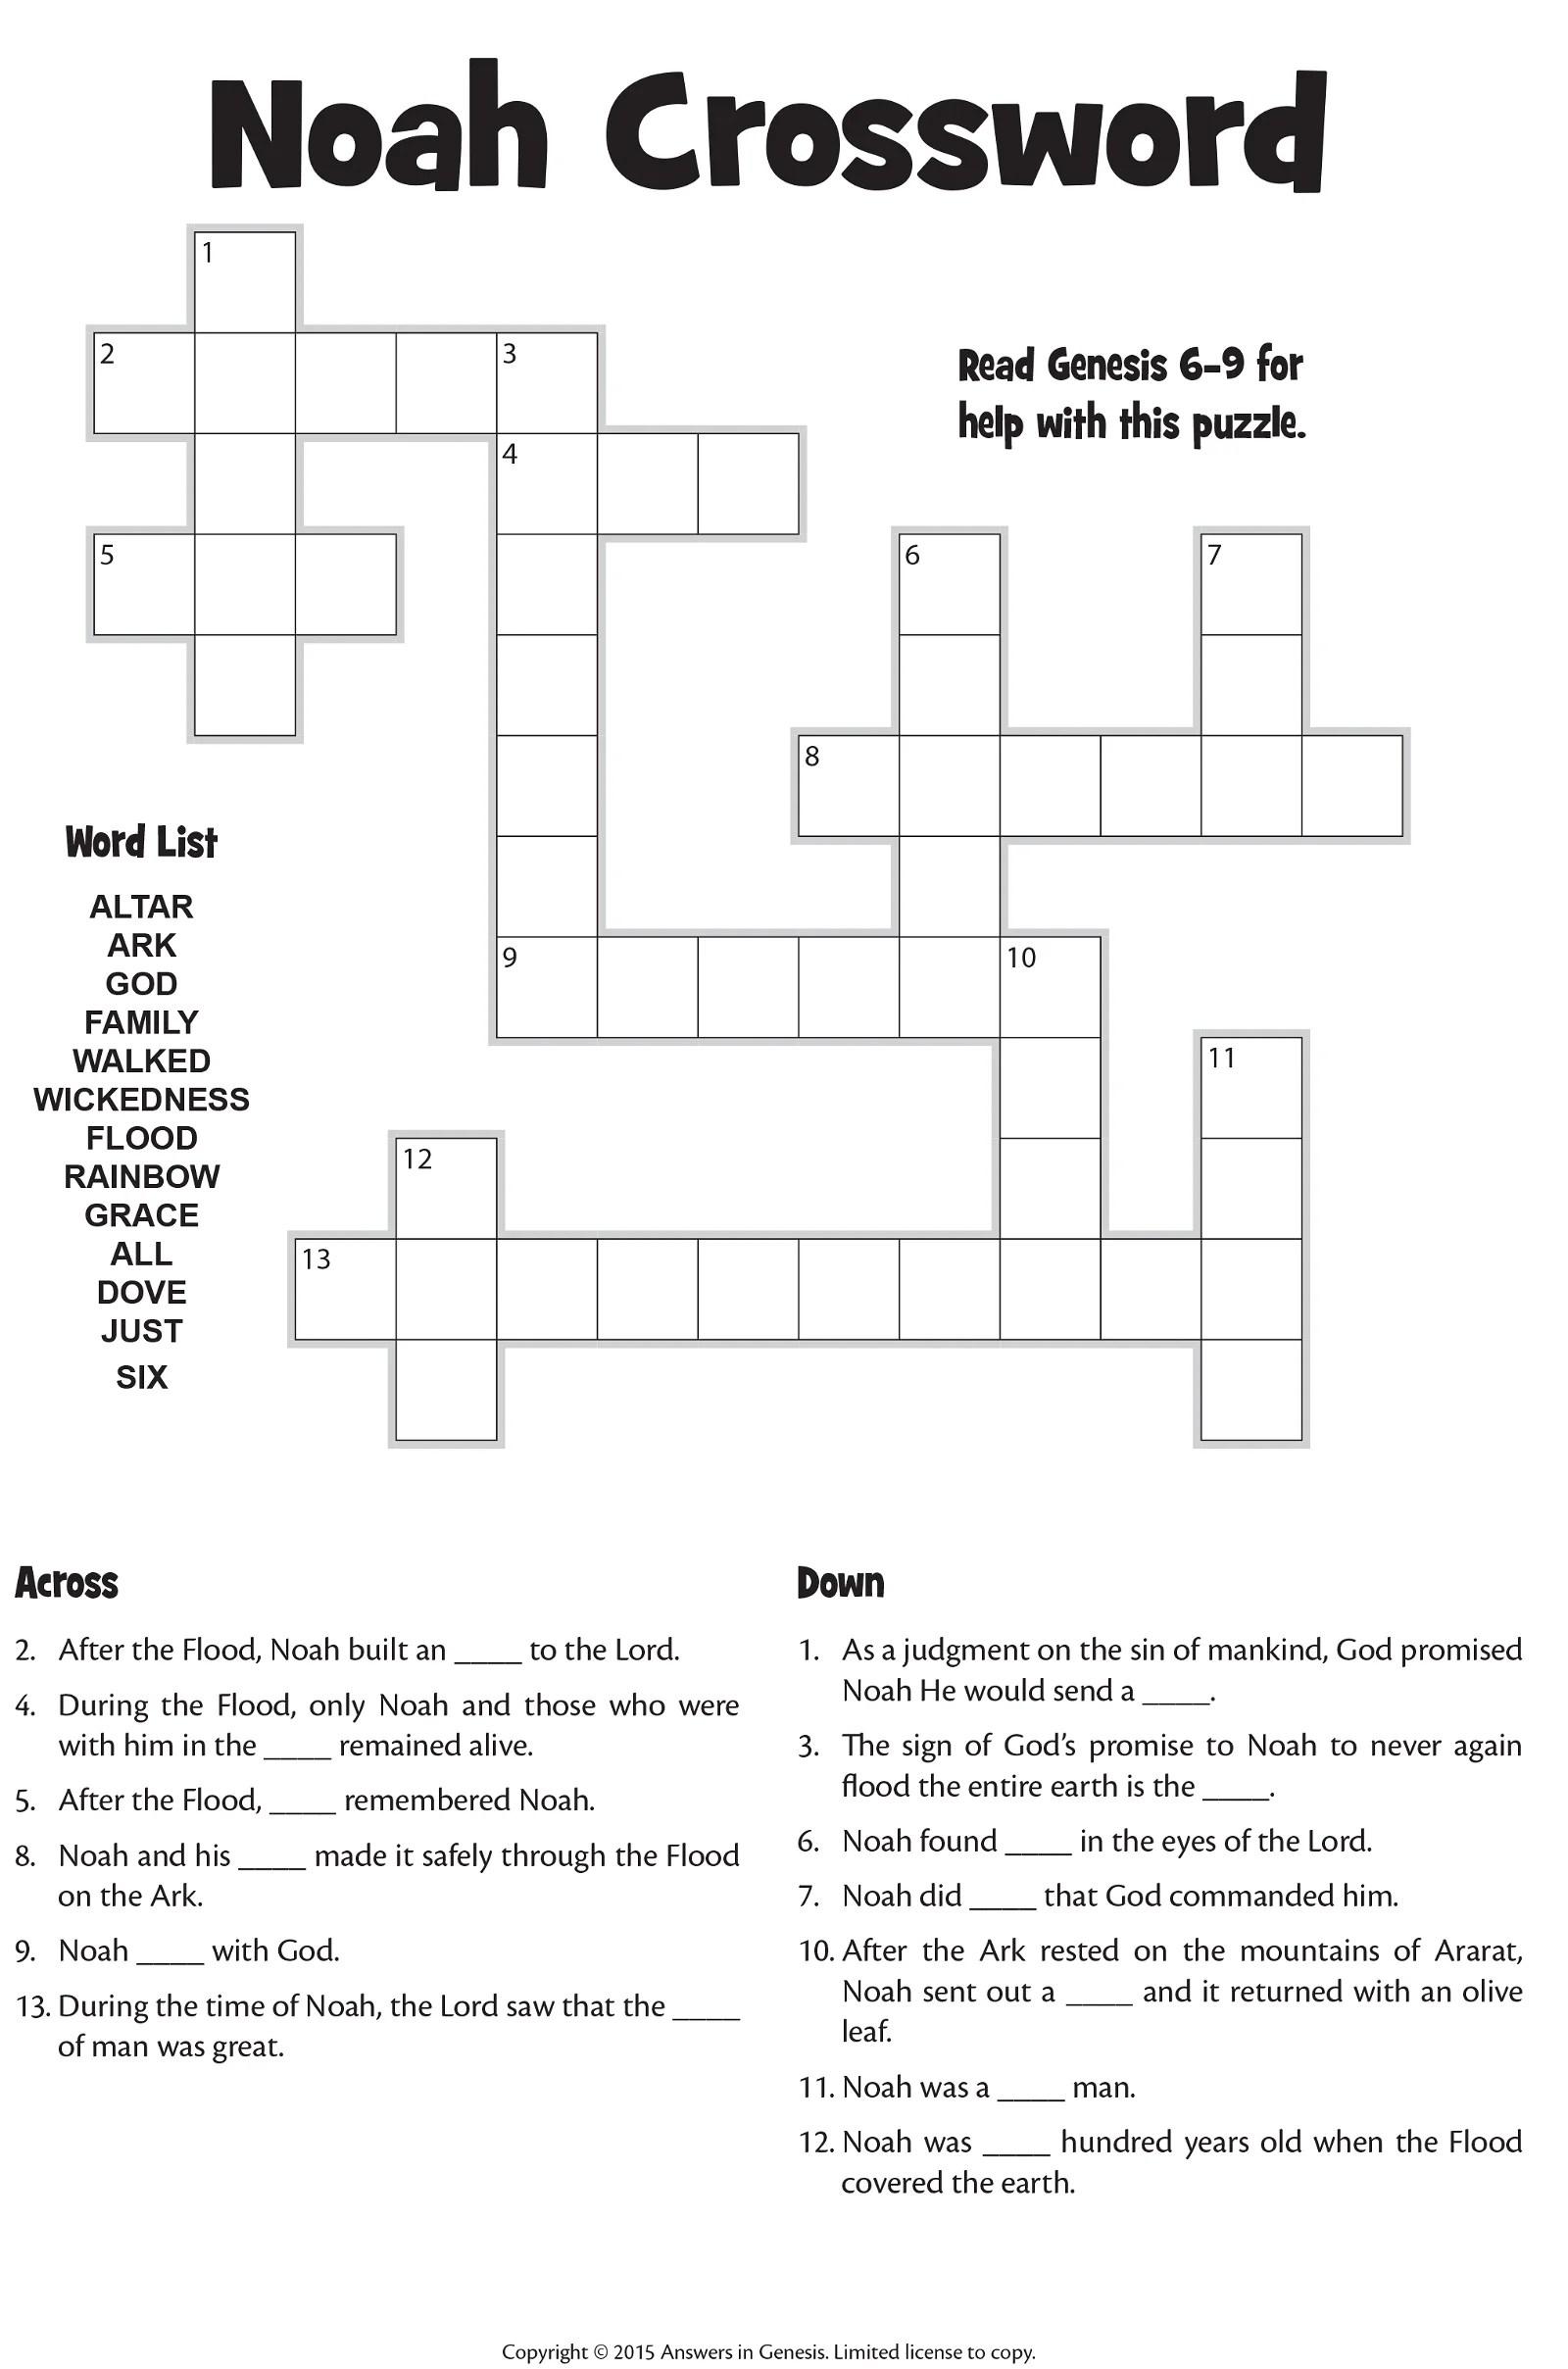 Noah Crossword